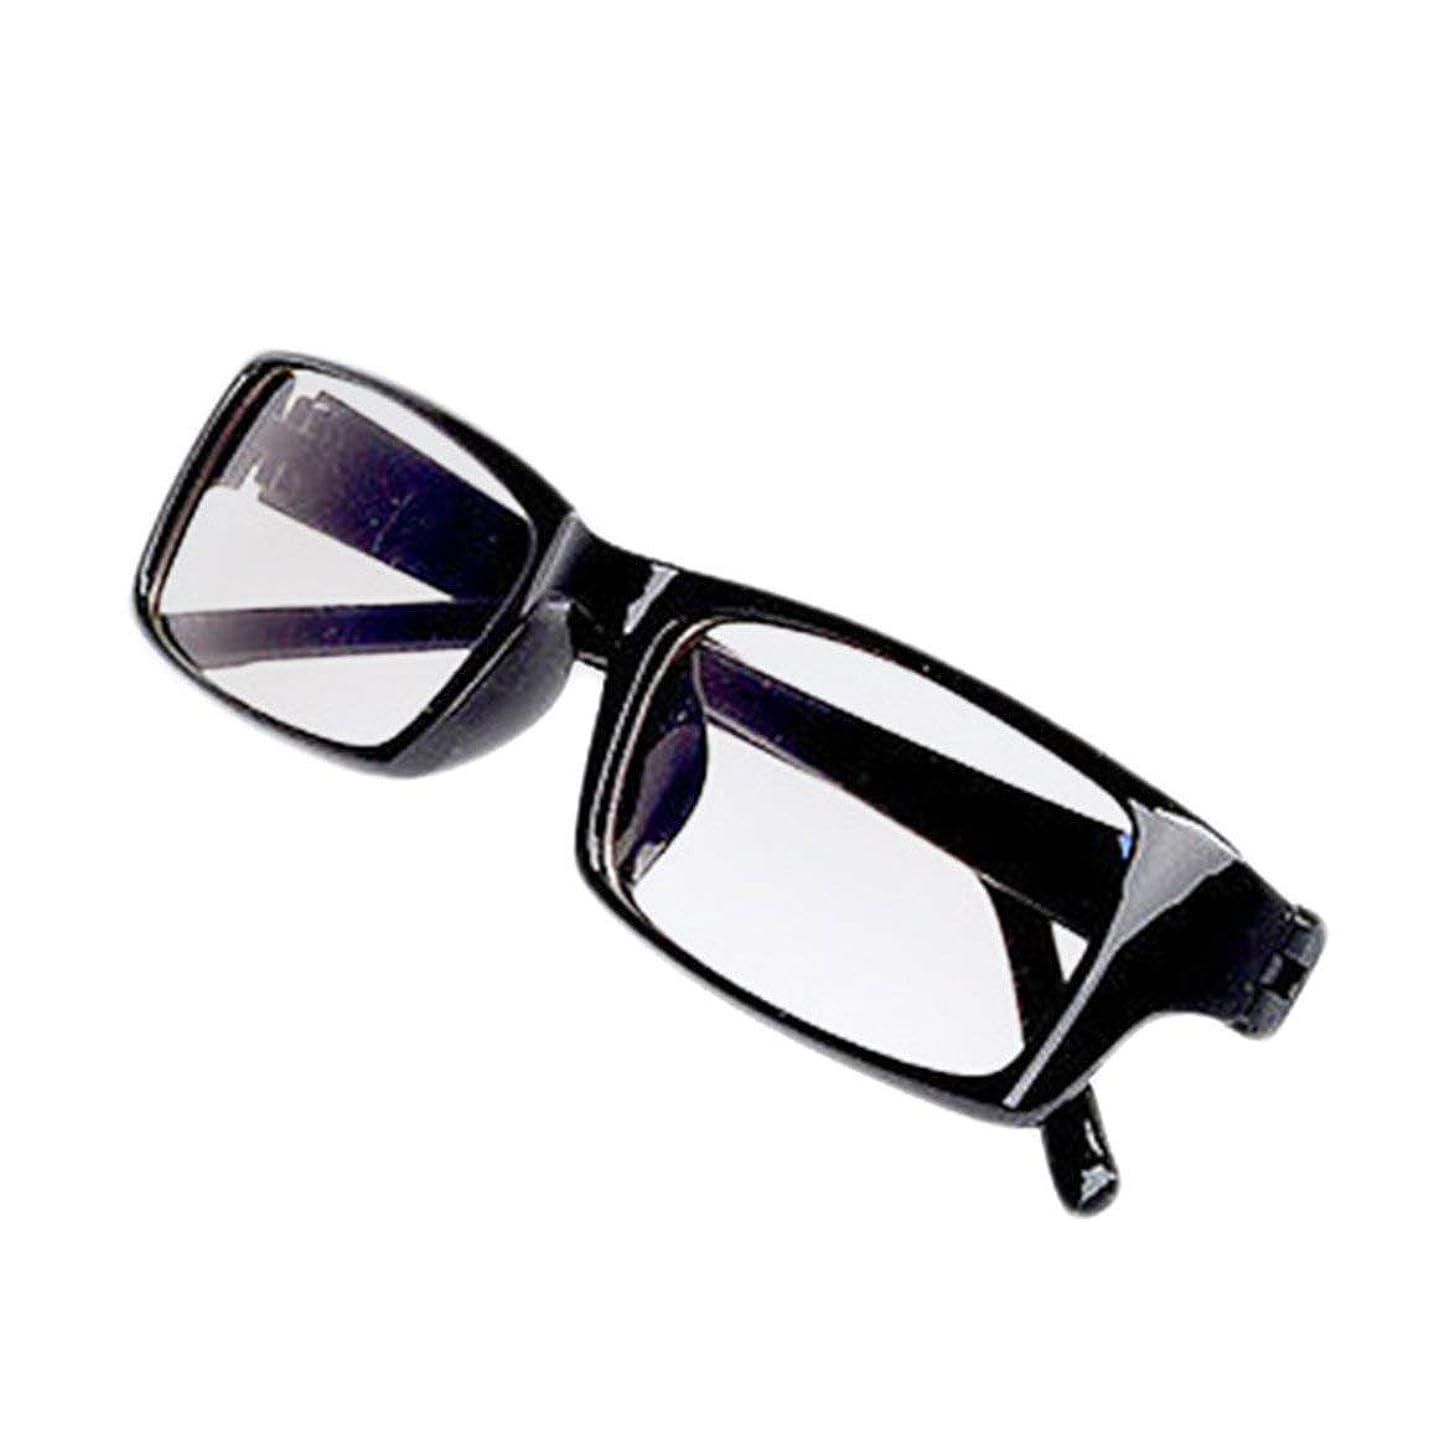 つかまえる粘り強い一過性PC TV眼精疲労保護メガネ視力放射線コンピュータ保護メガネユニバーサルゴーグル